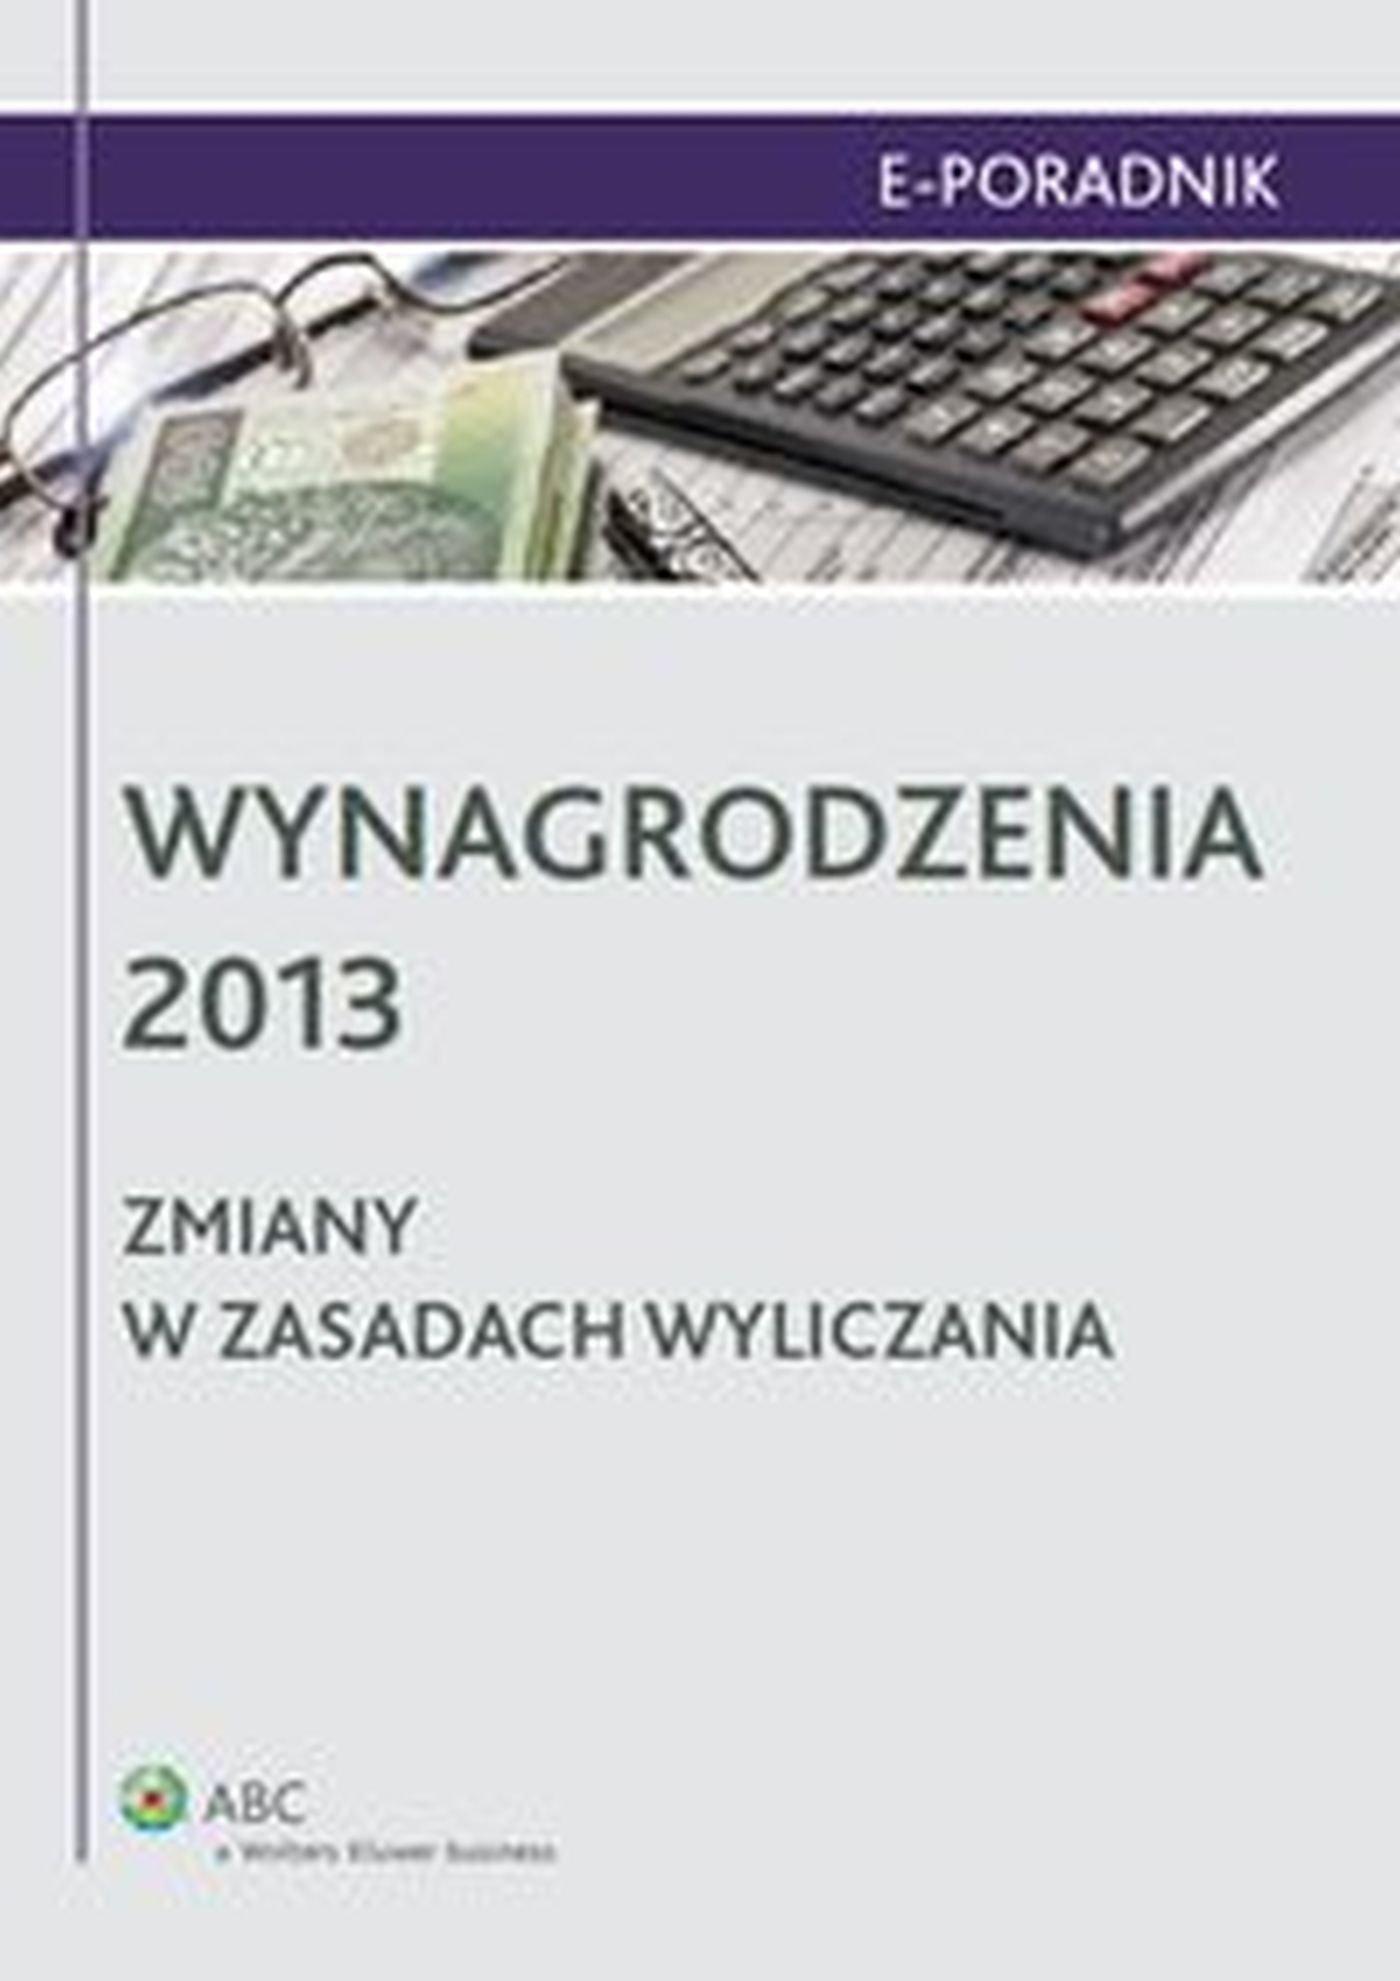 Wynagrodzenia 2013 - zmiany w zasadach wyliczania - Ebook (Książka EPUB) do pobrania w formacie EPUB